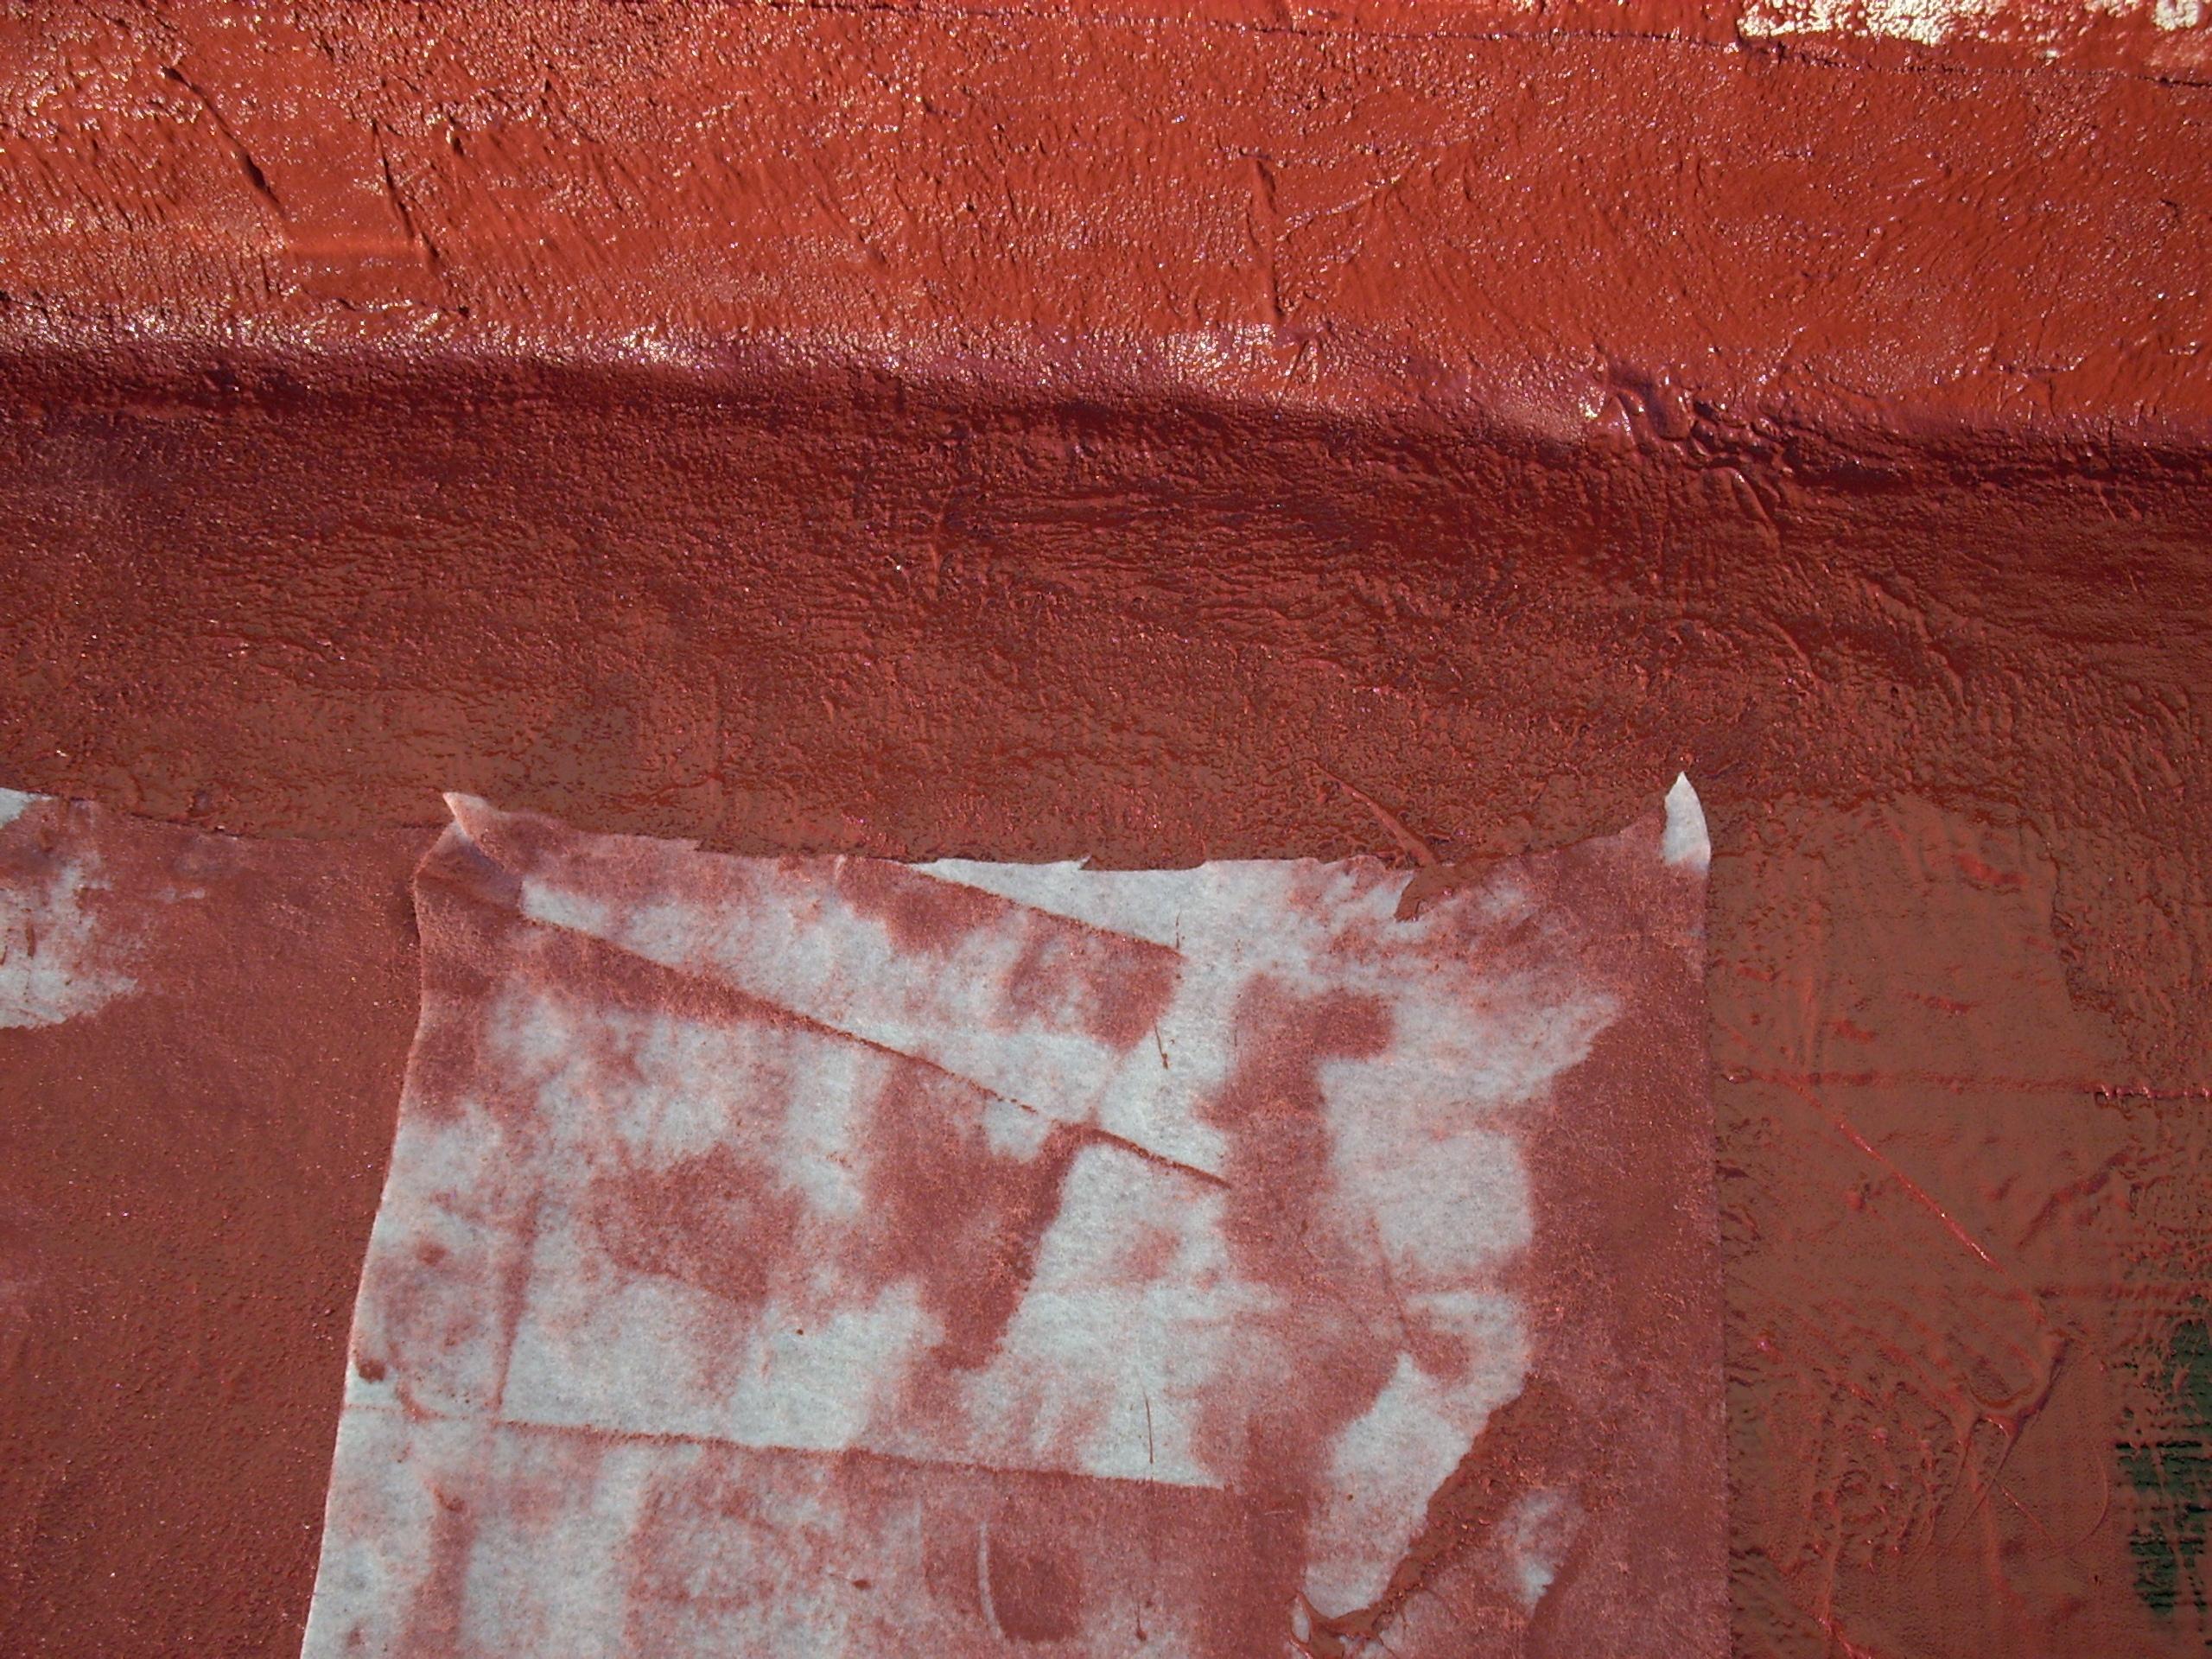 Aplicarea tratamentelor de impermeabilizare - Vila persoana privata - Buftea UNICO PROFIT - Poza 100